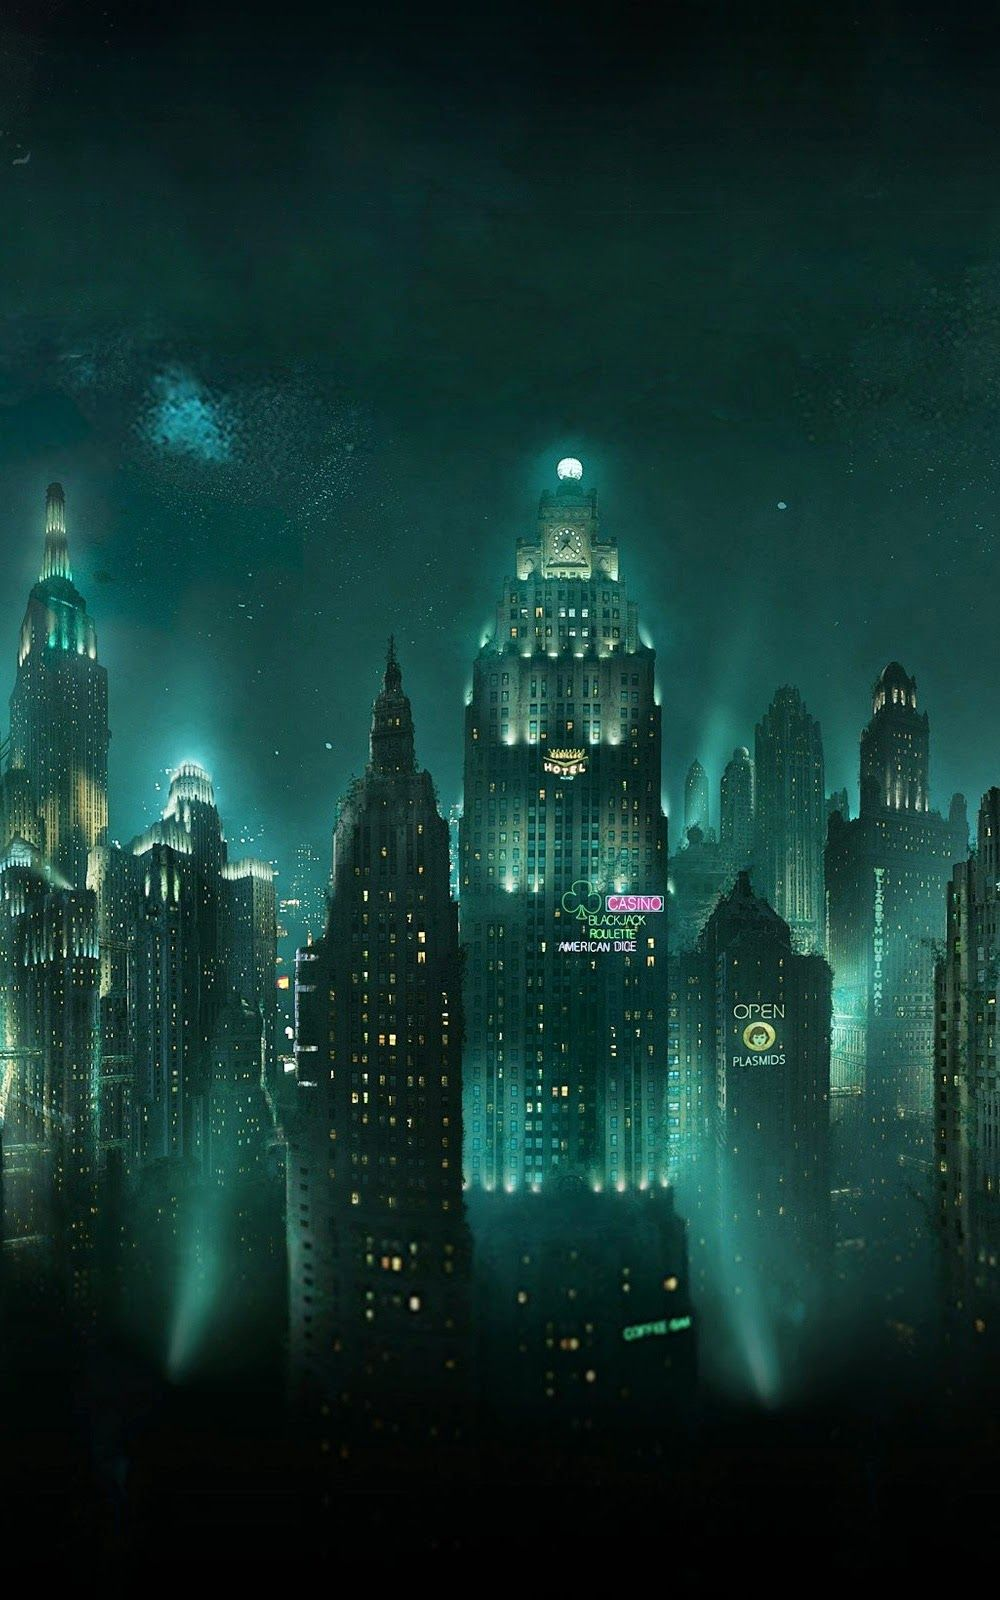 Pemandangan Kota Di Malam Hari Android Wallpaper Arsitektur